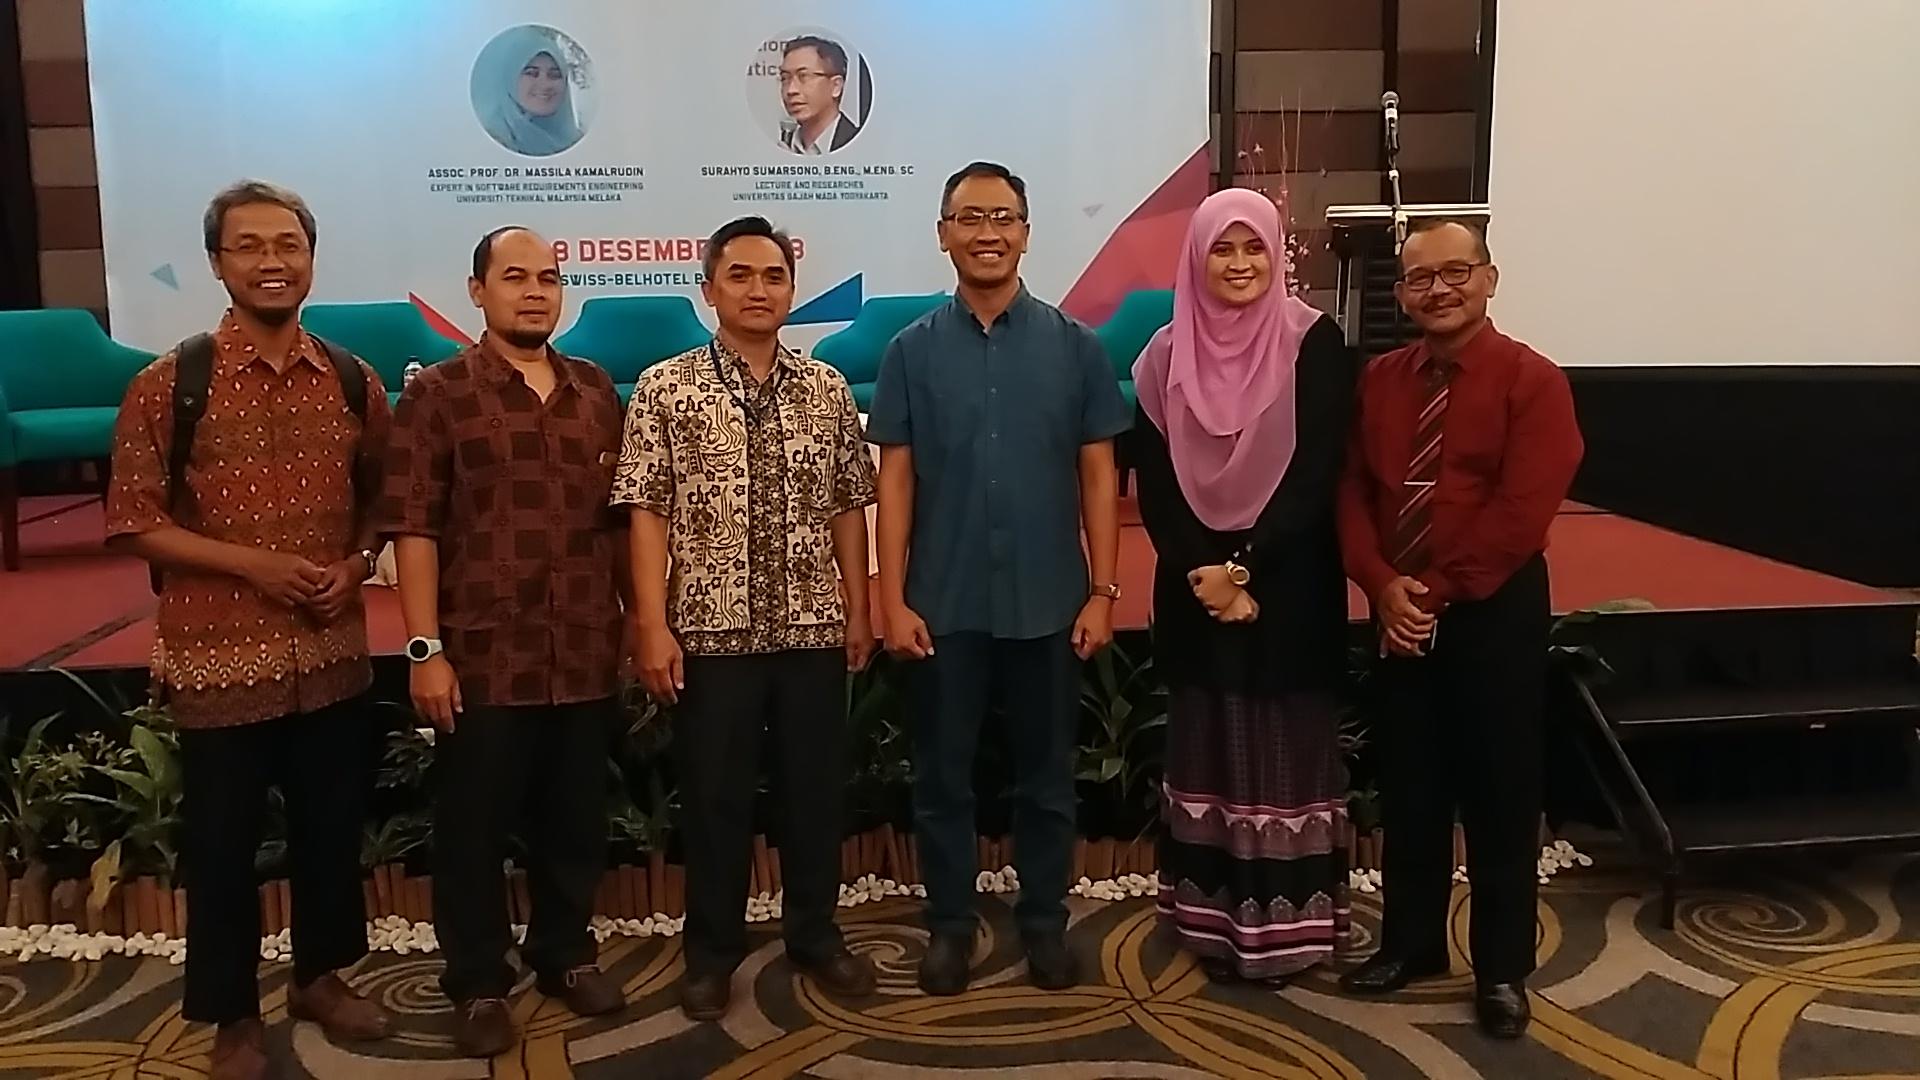 Bersama dua pemakalah dari LIPI, Pak Surahyo Sumarsono, Ibu Masilla Kamaludin, dan Pak Suprijadi usia acara. Foto: dok. pribadi